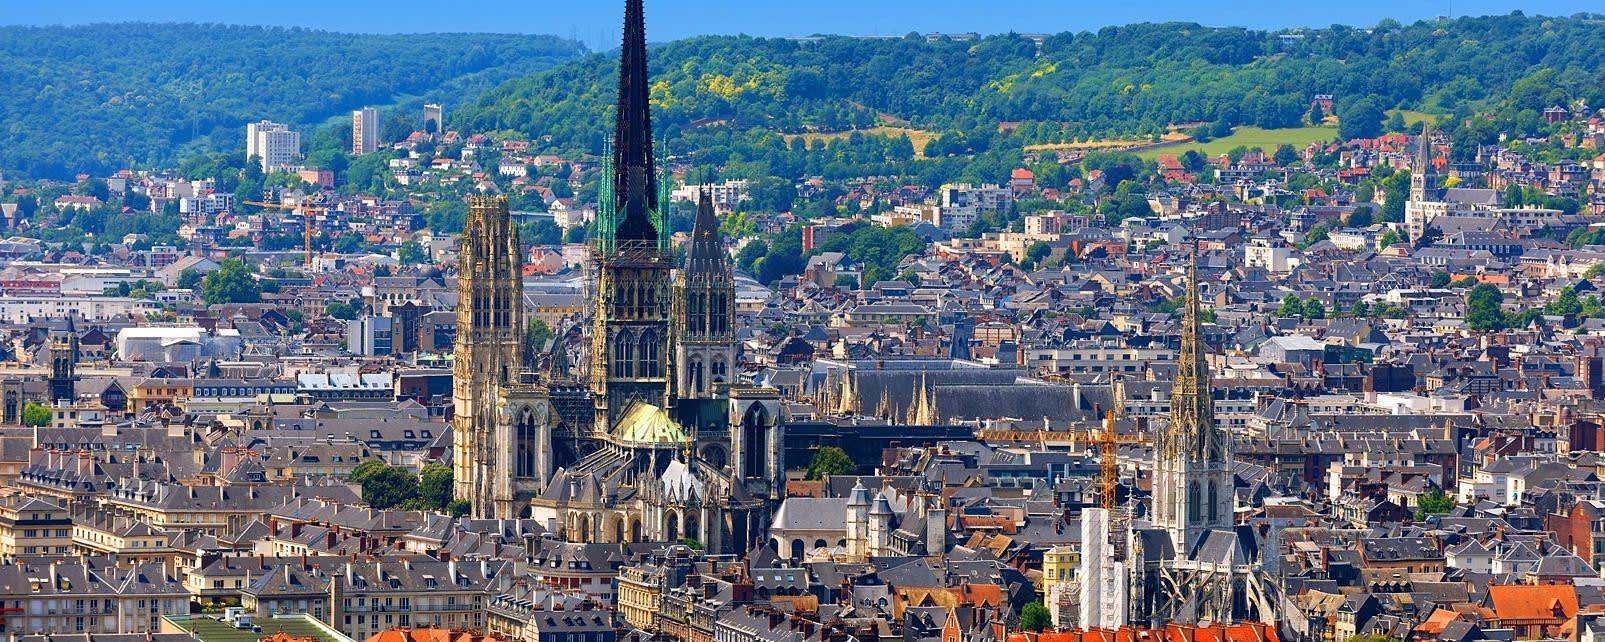 Rouen France where Albena lives now